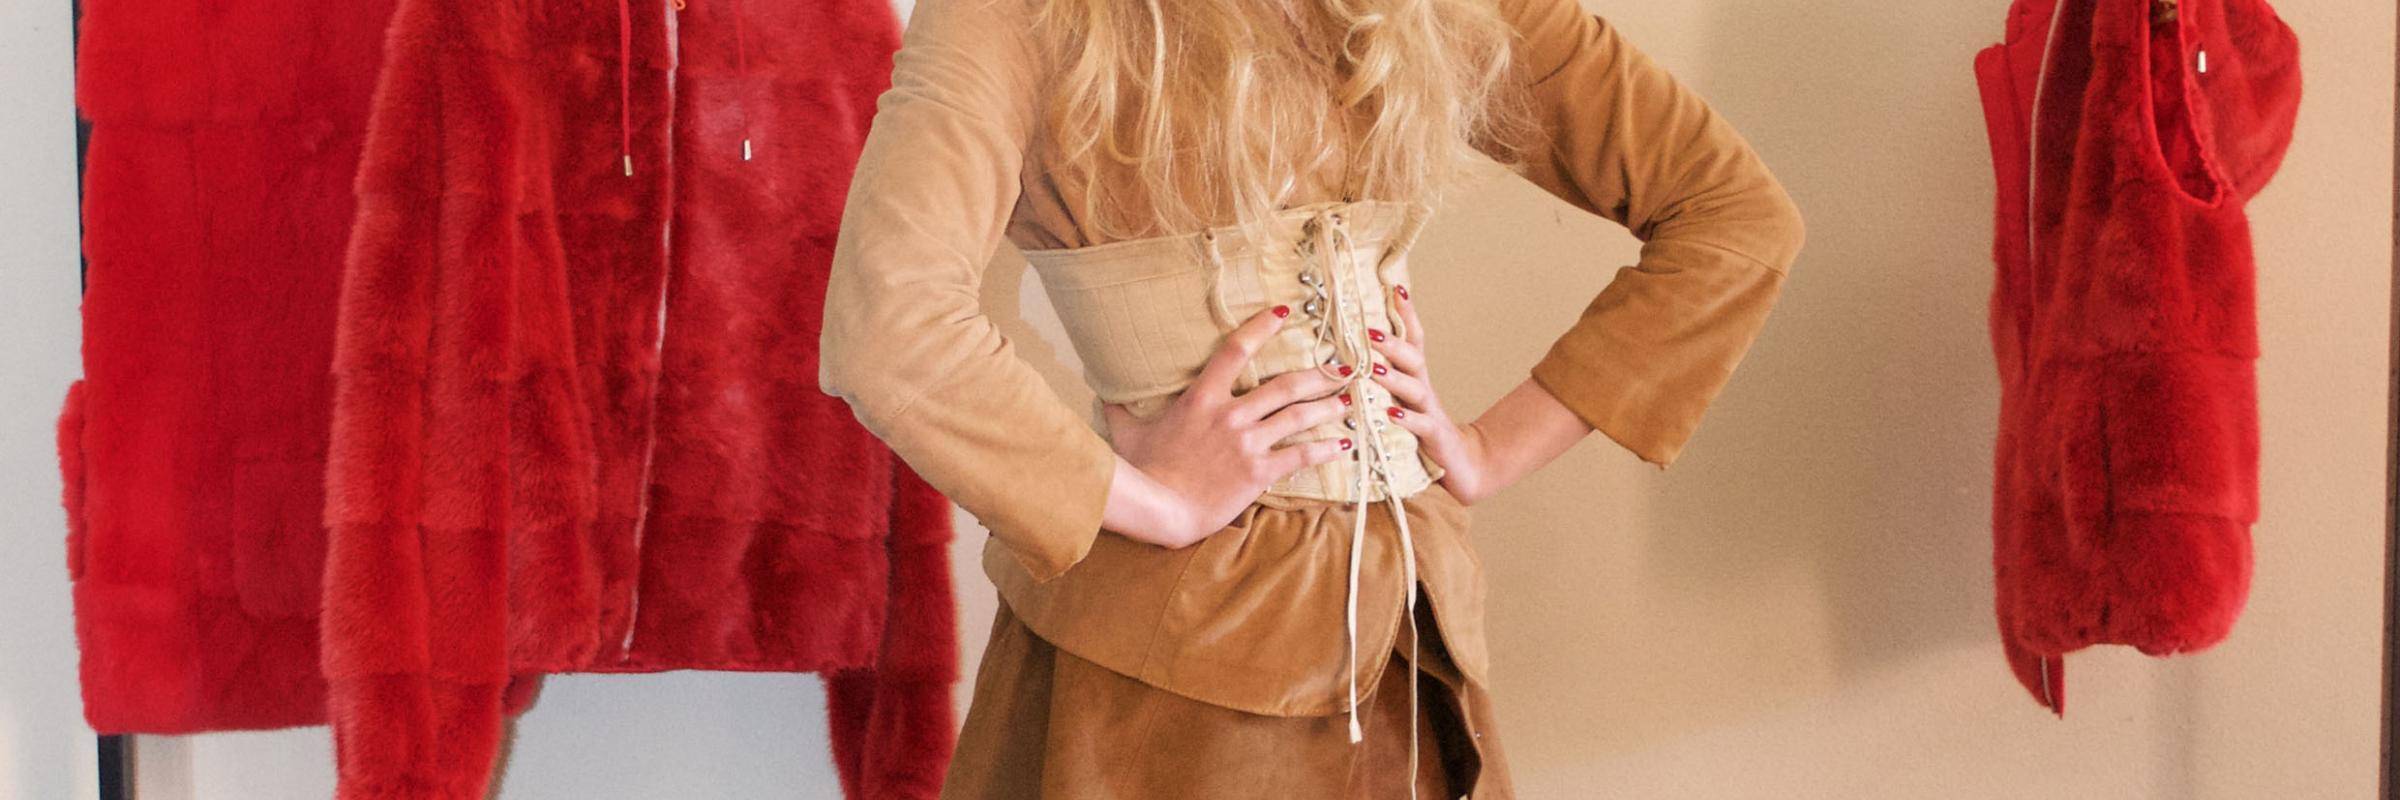 Pulitura, trattamento e custodia di pellami e pellicce.